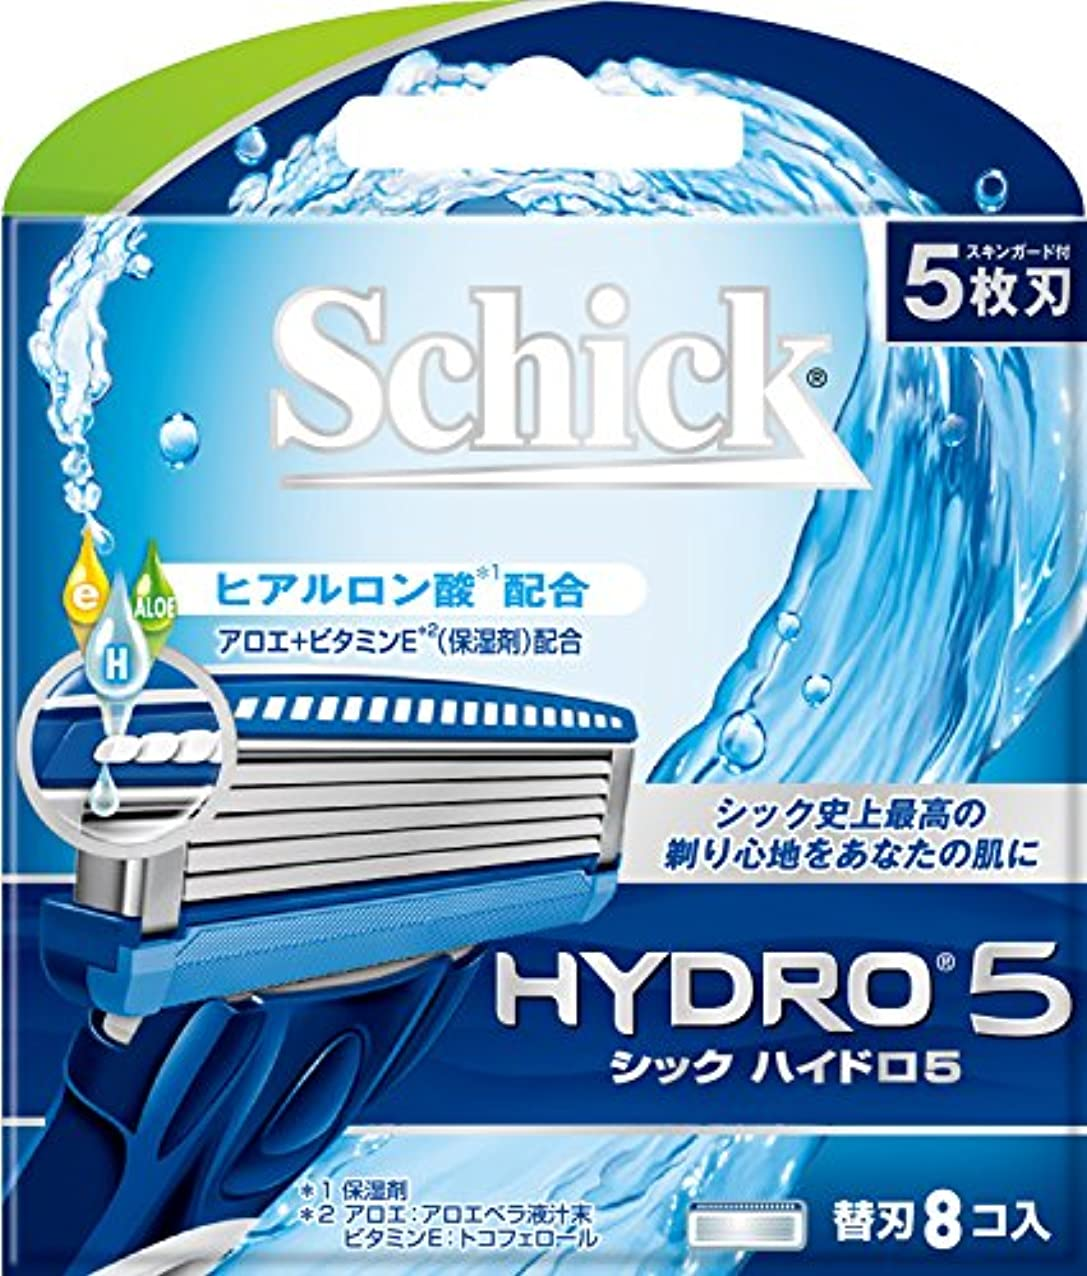 シックSchick 5枚刃ハイドロ5替刃8コ入 男性カミソリ